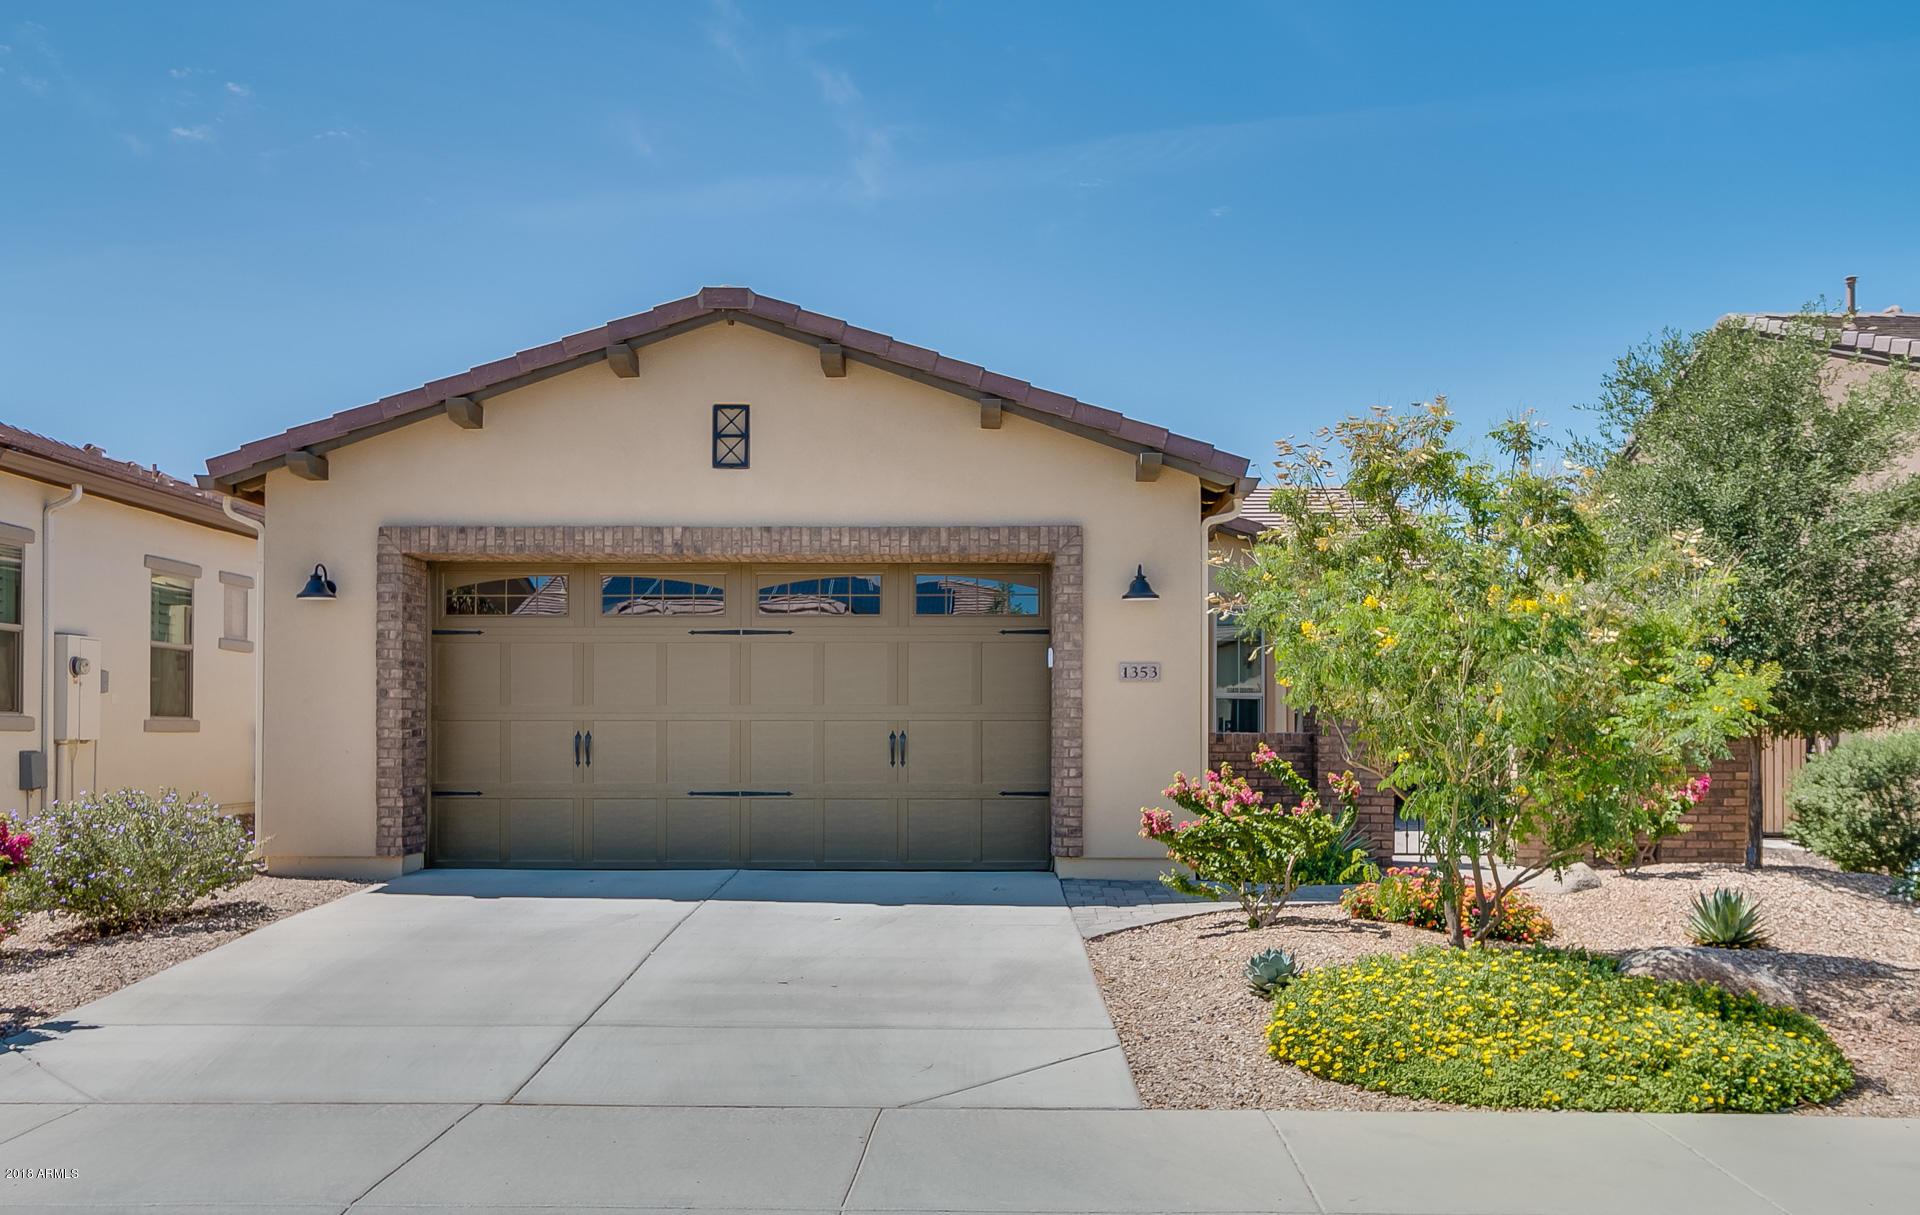 Photo for 1353 E Verde Boulevard, San Tan Valley, AZ 85140 (MLS # 5763090)